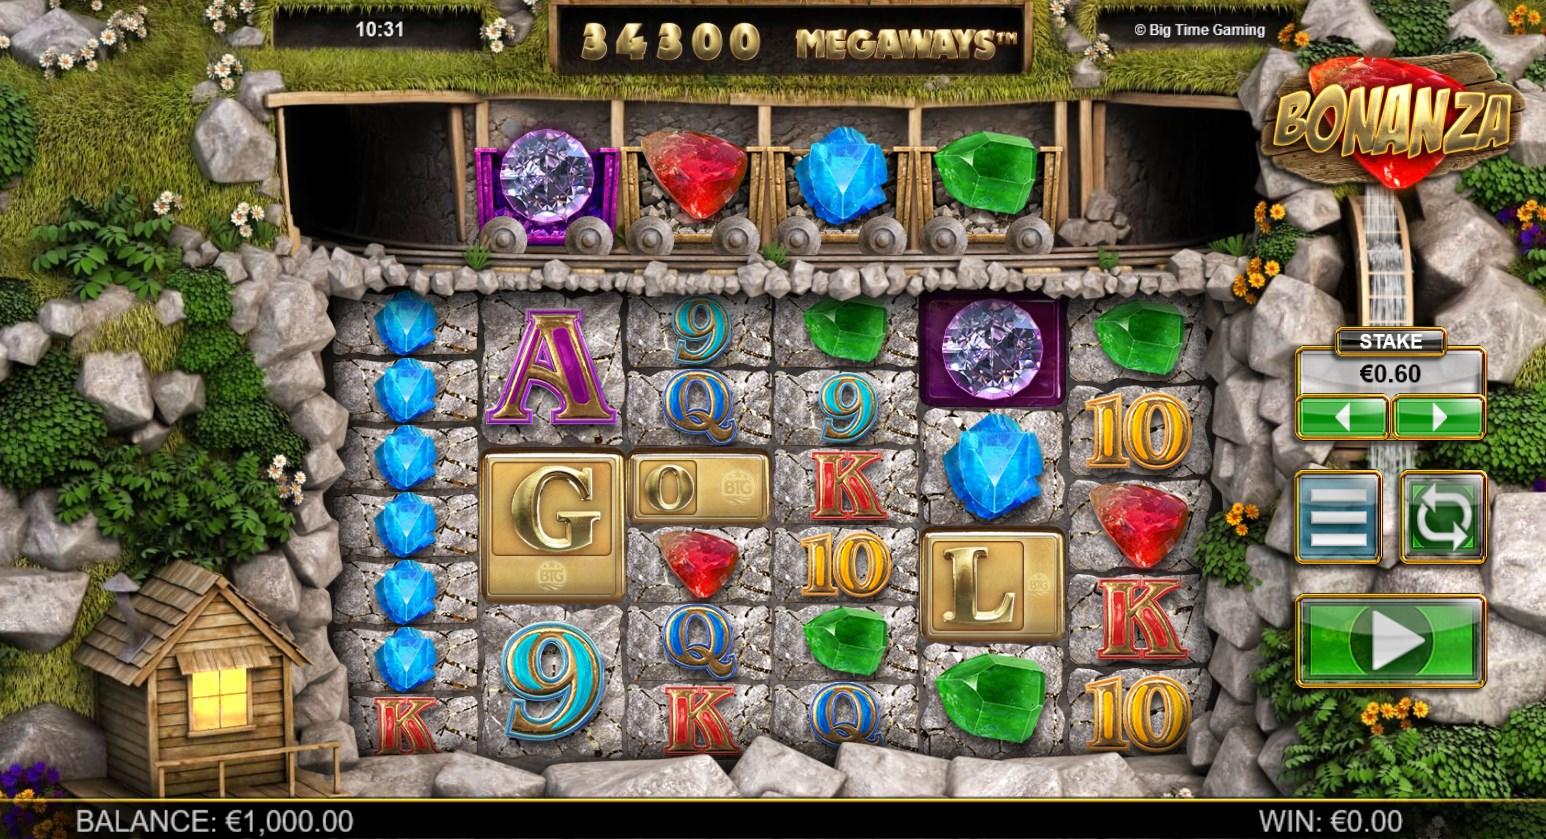 29-10-31-58-Bonanza_slot__Up_to_€1600_Bonus_+_150_Spins__Leo